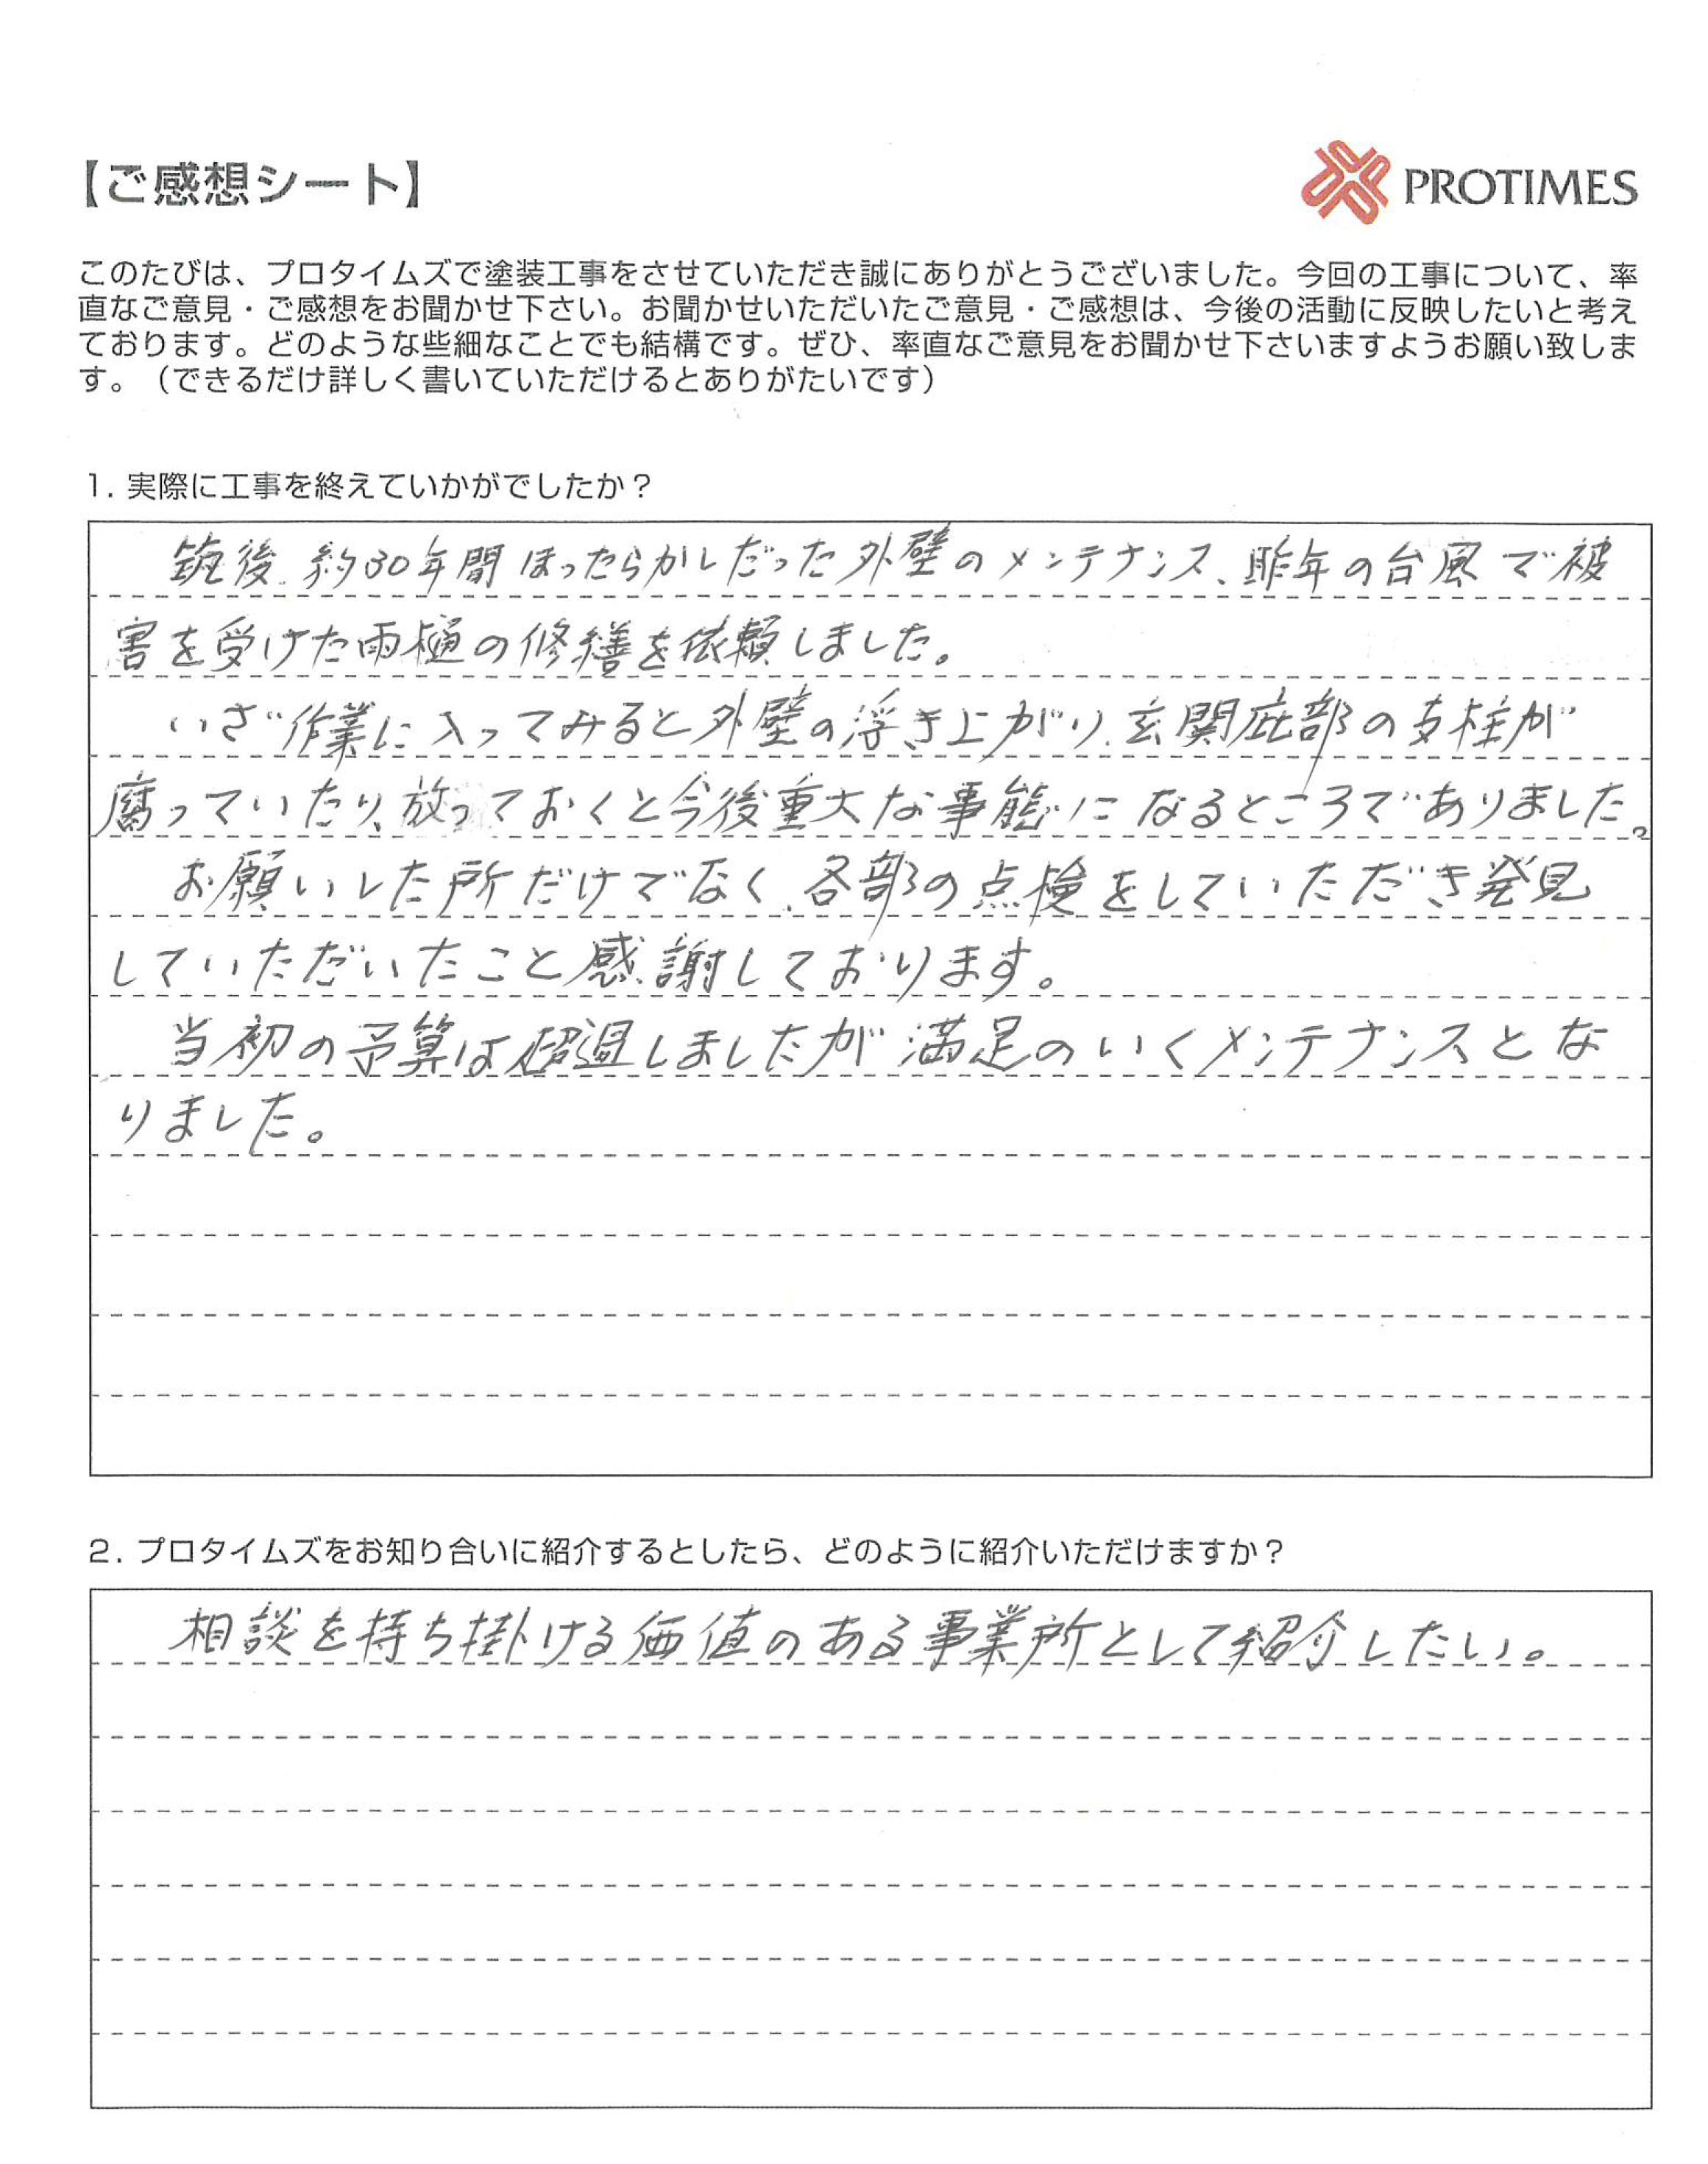 アンケート上坂義明様邸(U様)